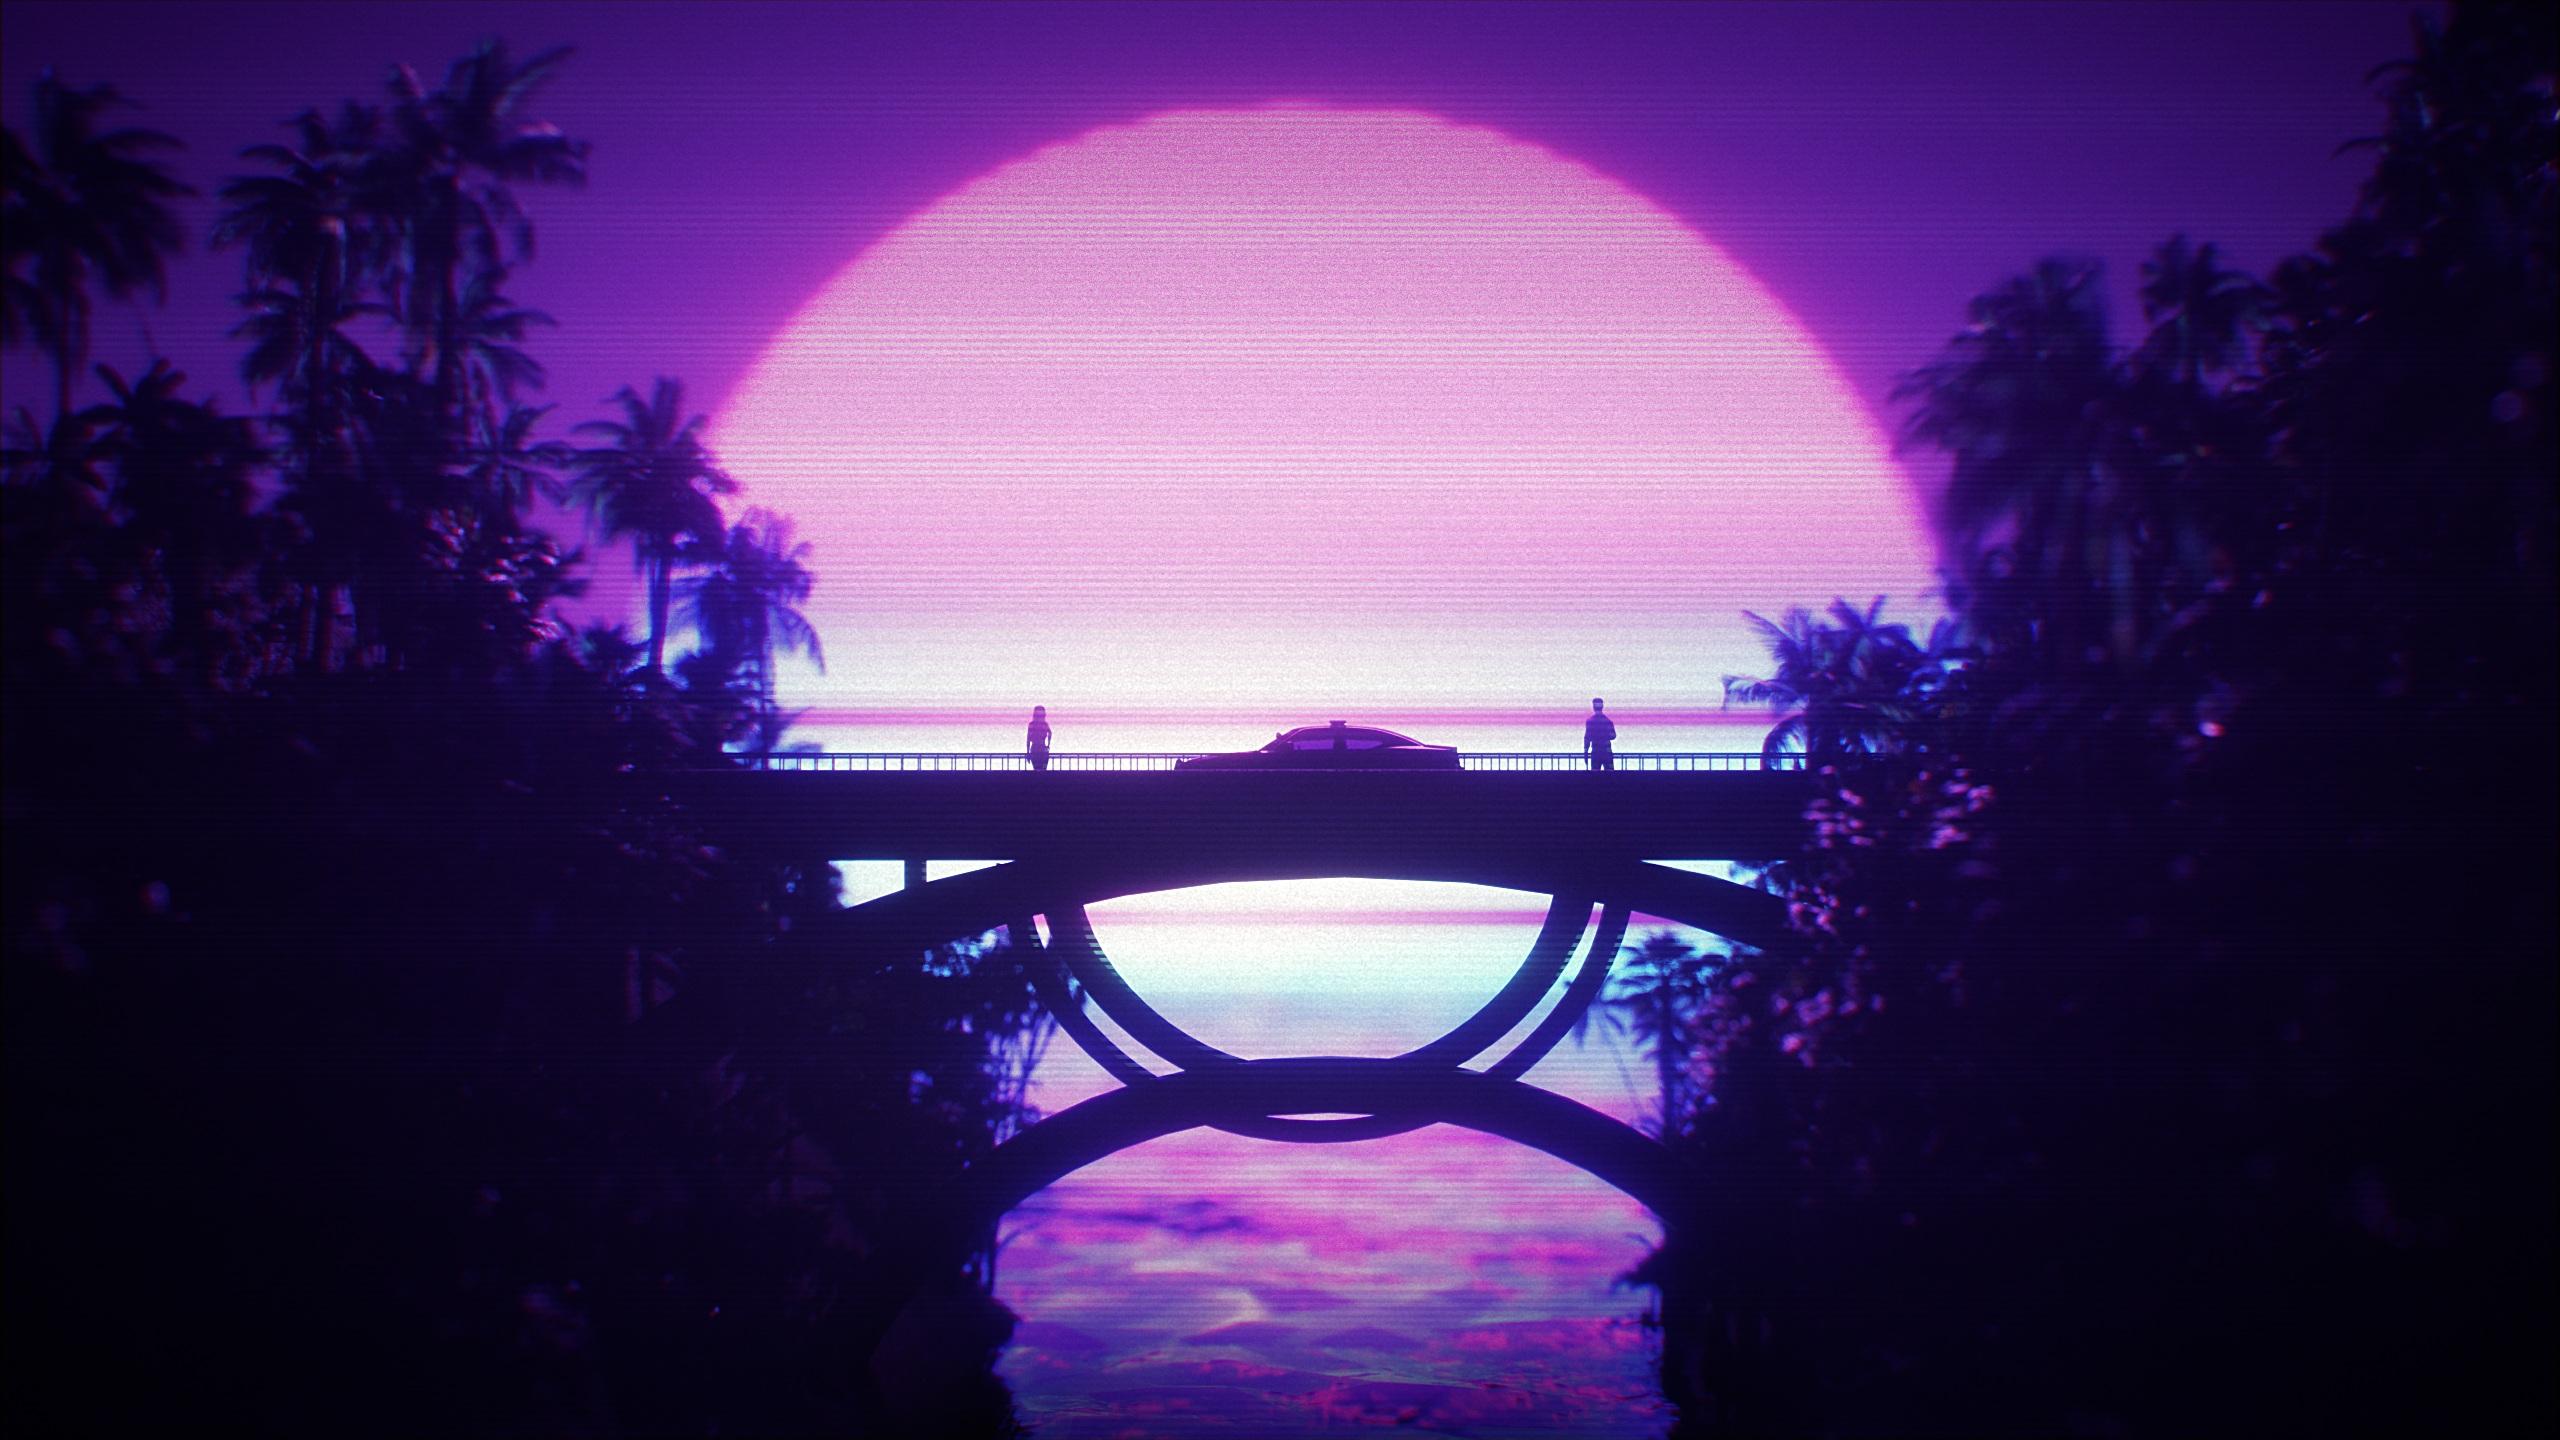 Neon Purple Wallpaper 4k - HD Wallpaper